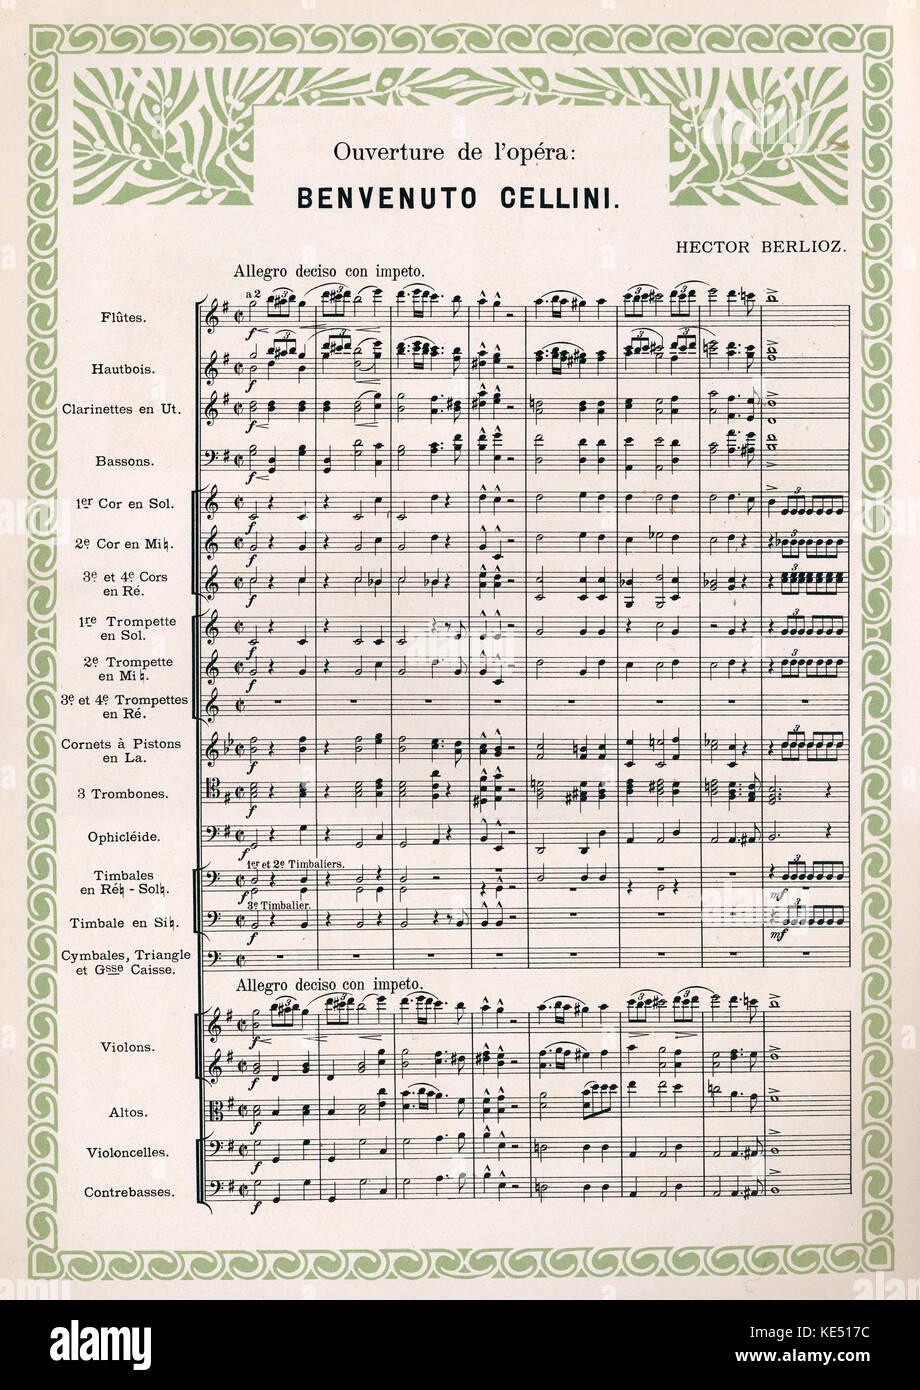 Hector Berlioz 's opera Benvenuto Cellini - overture score. Decorative surround. Stock Photo